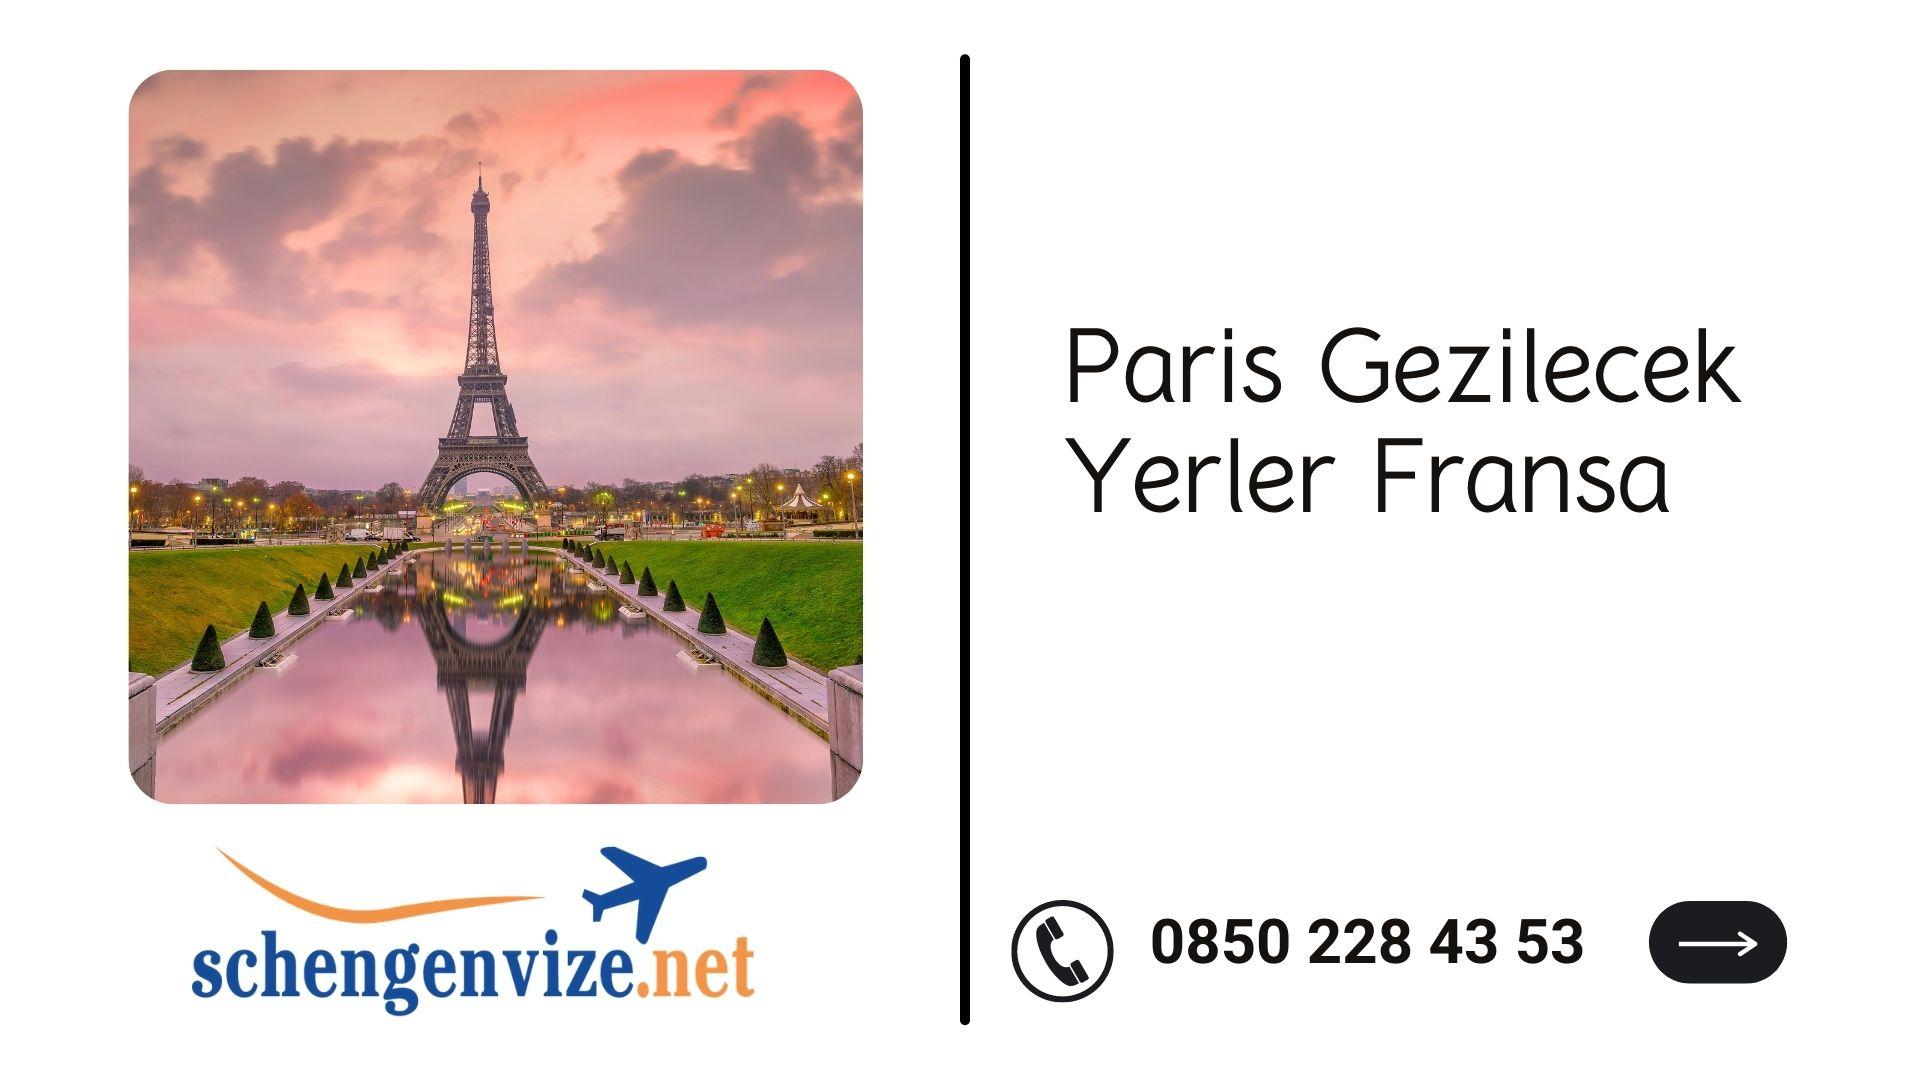 Paris Gezilecek Yerler Fransa